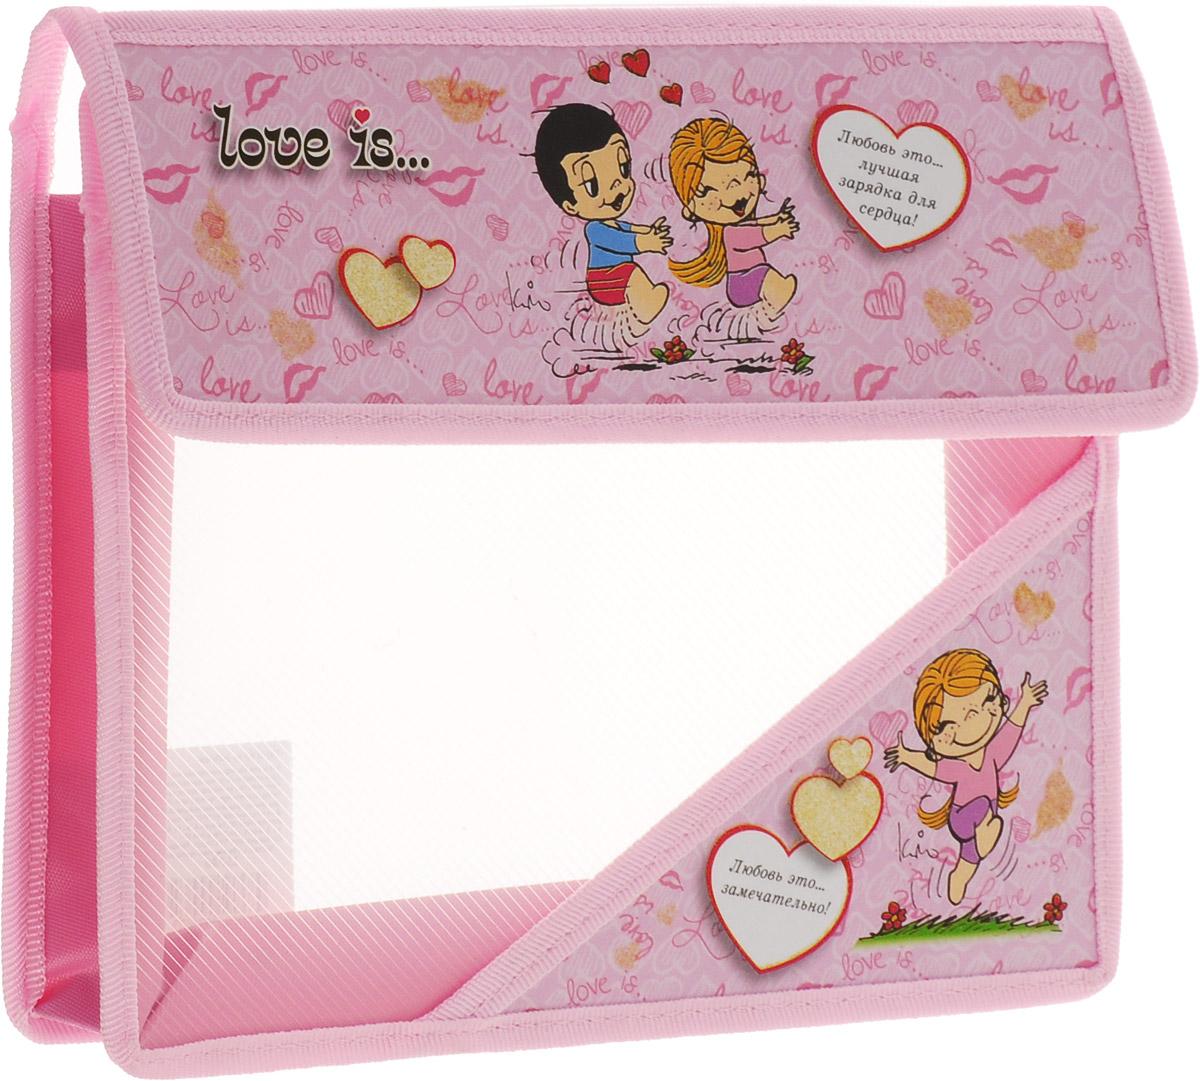 Action! Папка для тетрадей Love is цвет розовыйFS-36052Папка Action! Love is предназначена для хранения тетрадей, рисунков и прочих бумаг с максимальным форматом А5. Папка выполнена из прочного материала и содержит одно отделение. Закрывается она клапаном на липучку. С папкой Action! Love is тетради вашего ребенка всегда будут выглядеть опрятно.